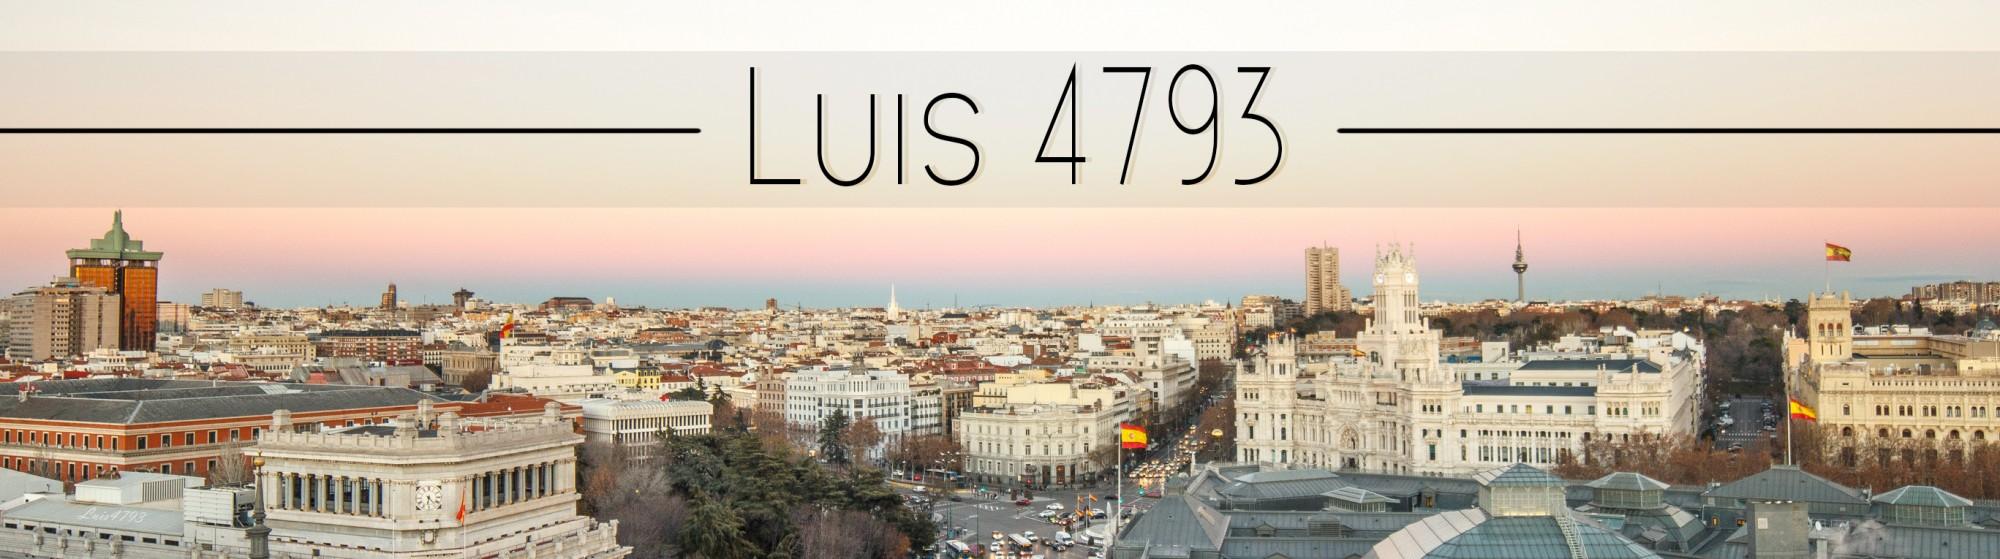 Luis4793